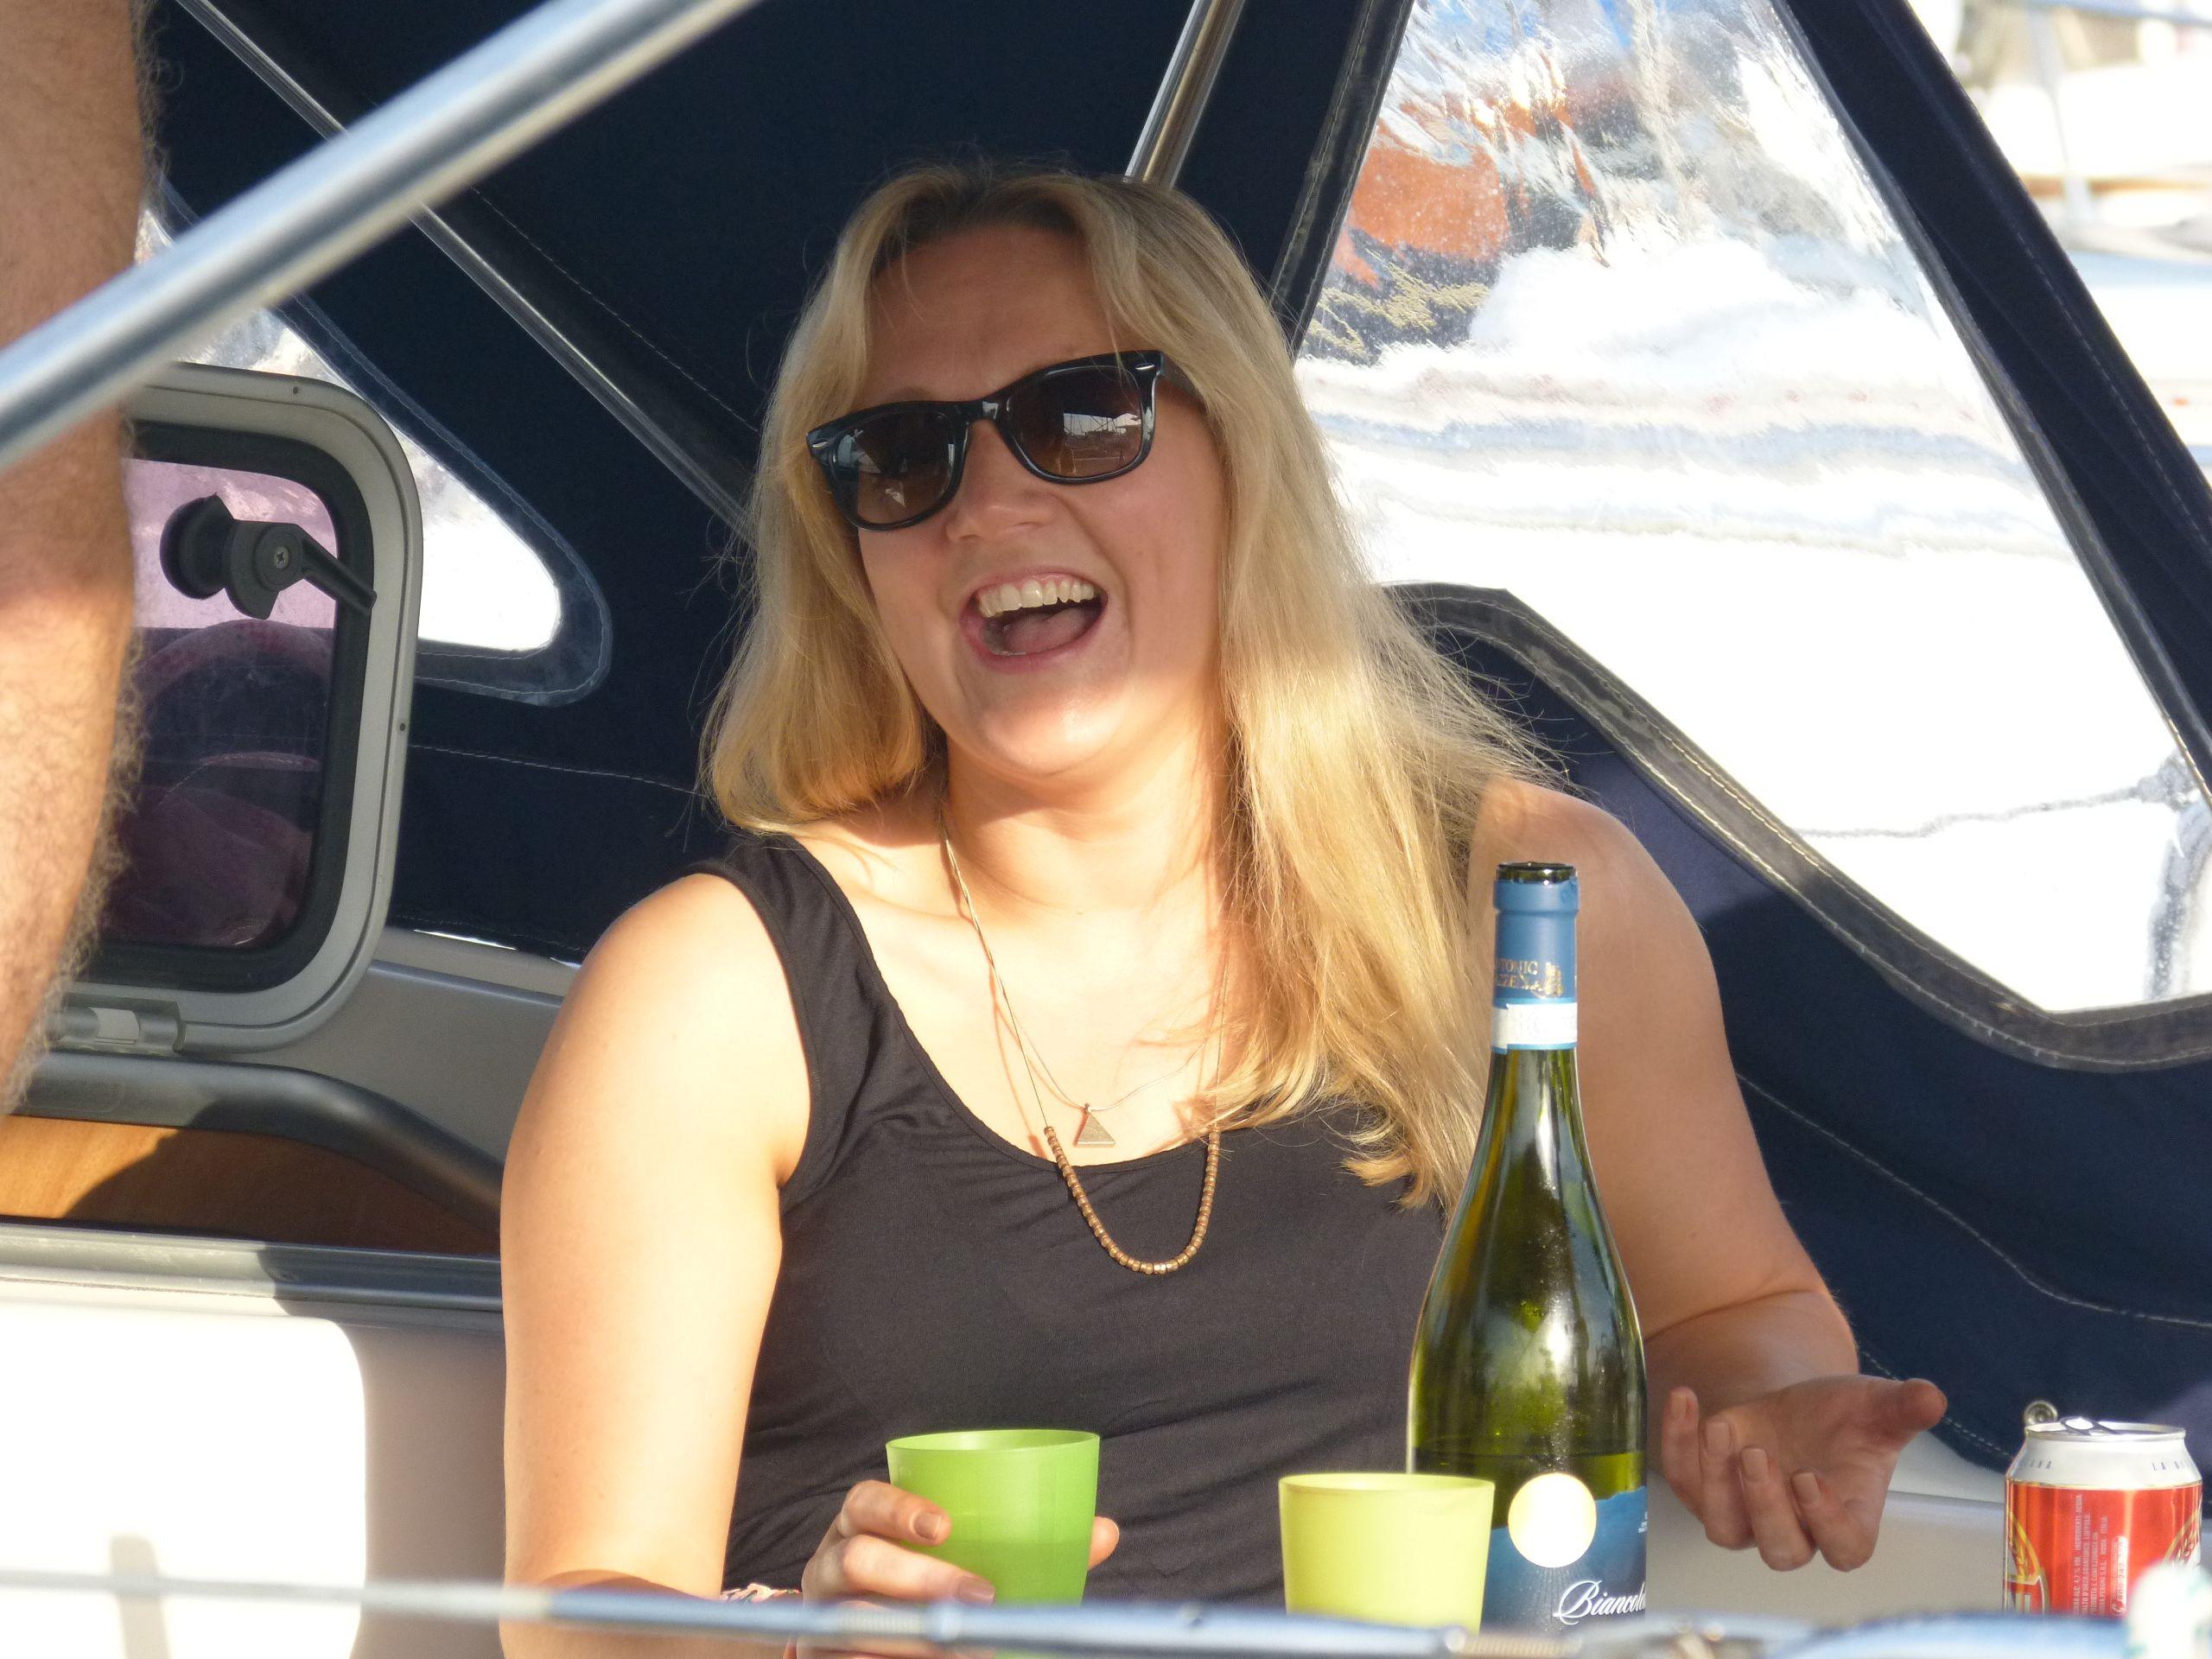 L'allegria di una vacanza in barca a vela...